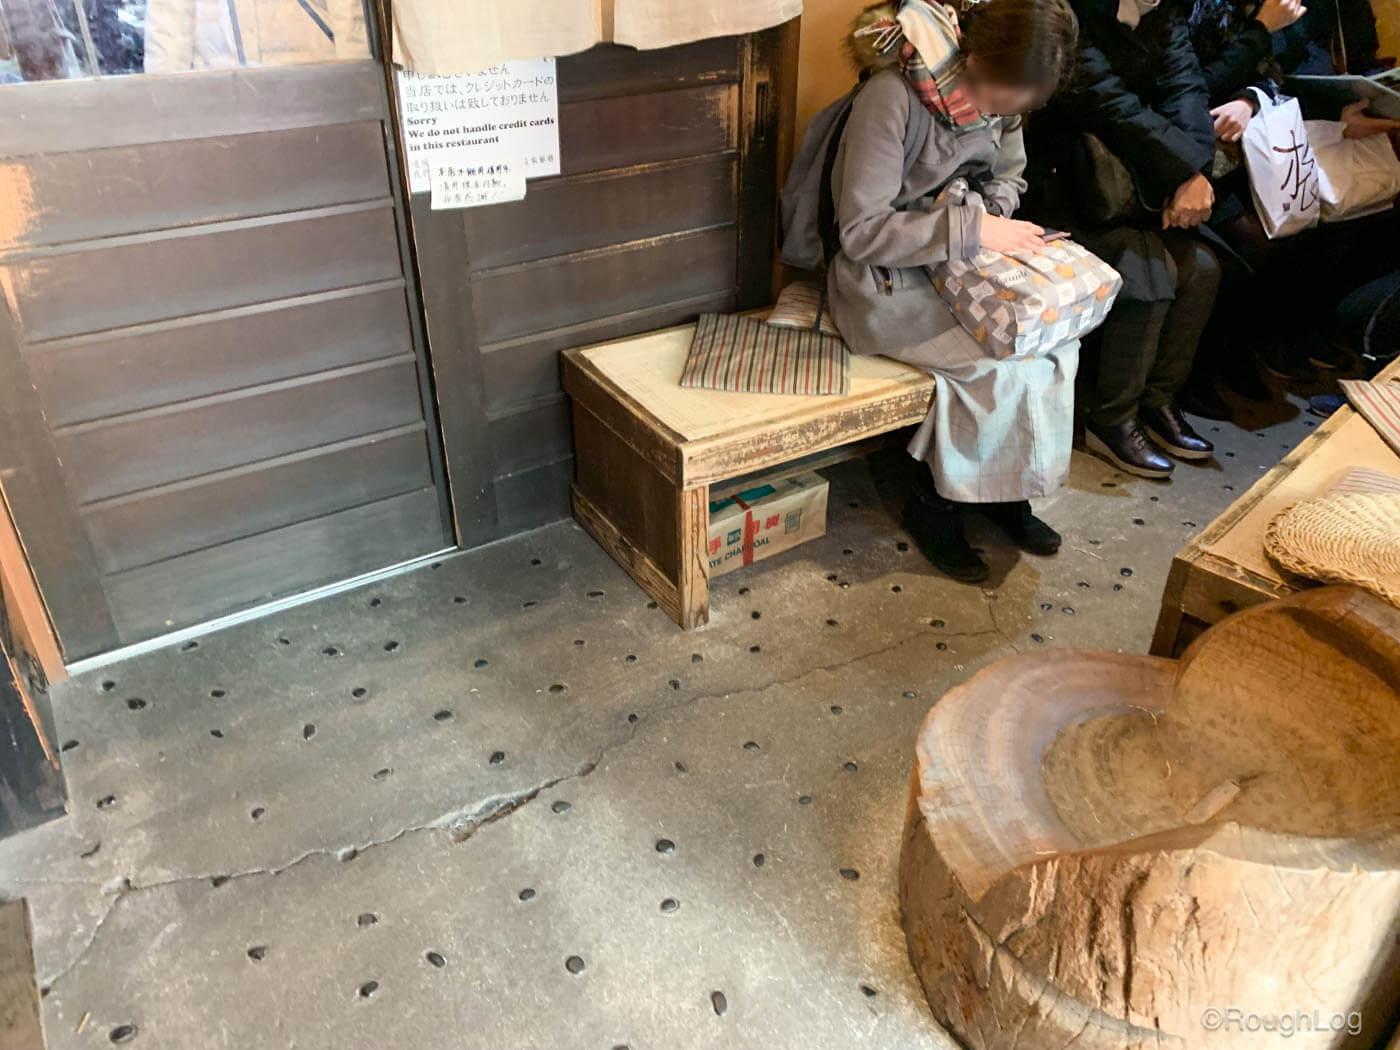 囲炉茶屋の入り口隣には椅子が設置されている